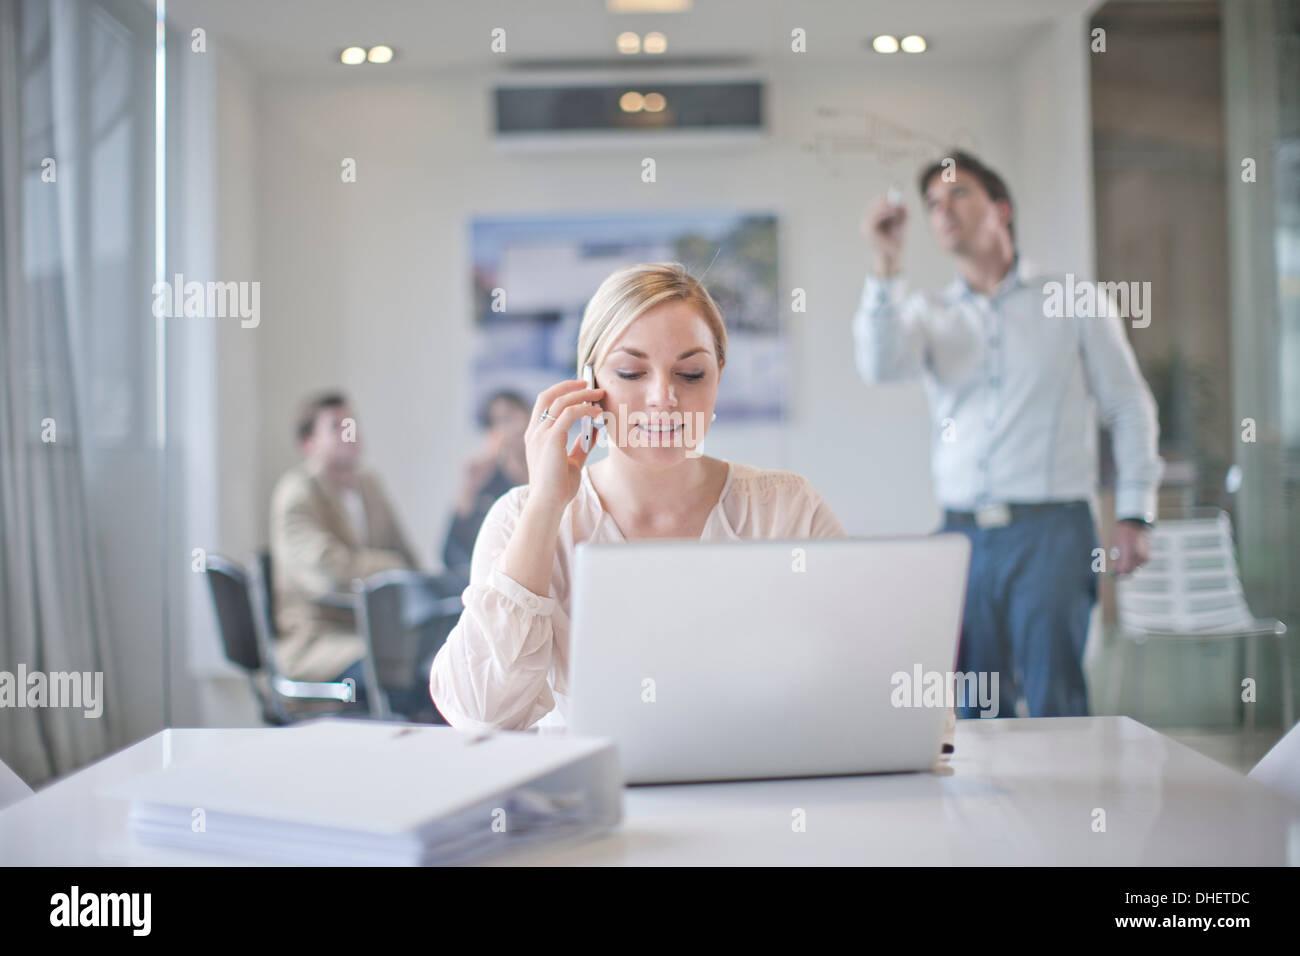 Femme assise à la salle de conférence table à l'aide d'ordinateur portable et téléphone mobile, des collègues qui travaillent en arrière-plan Photo Stock